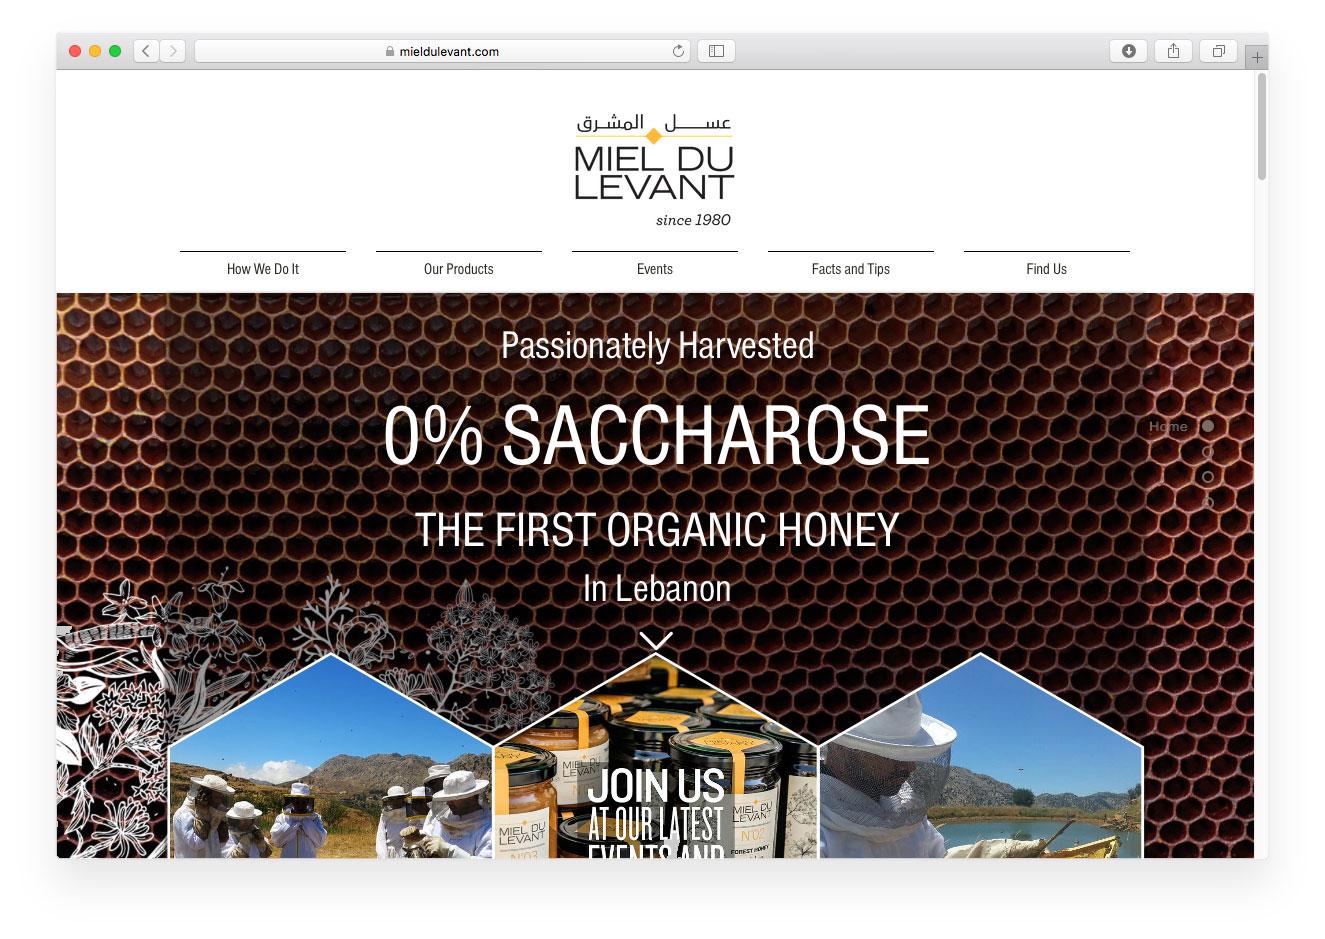 Miel du Levant website